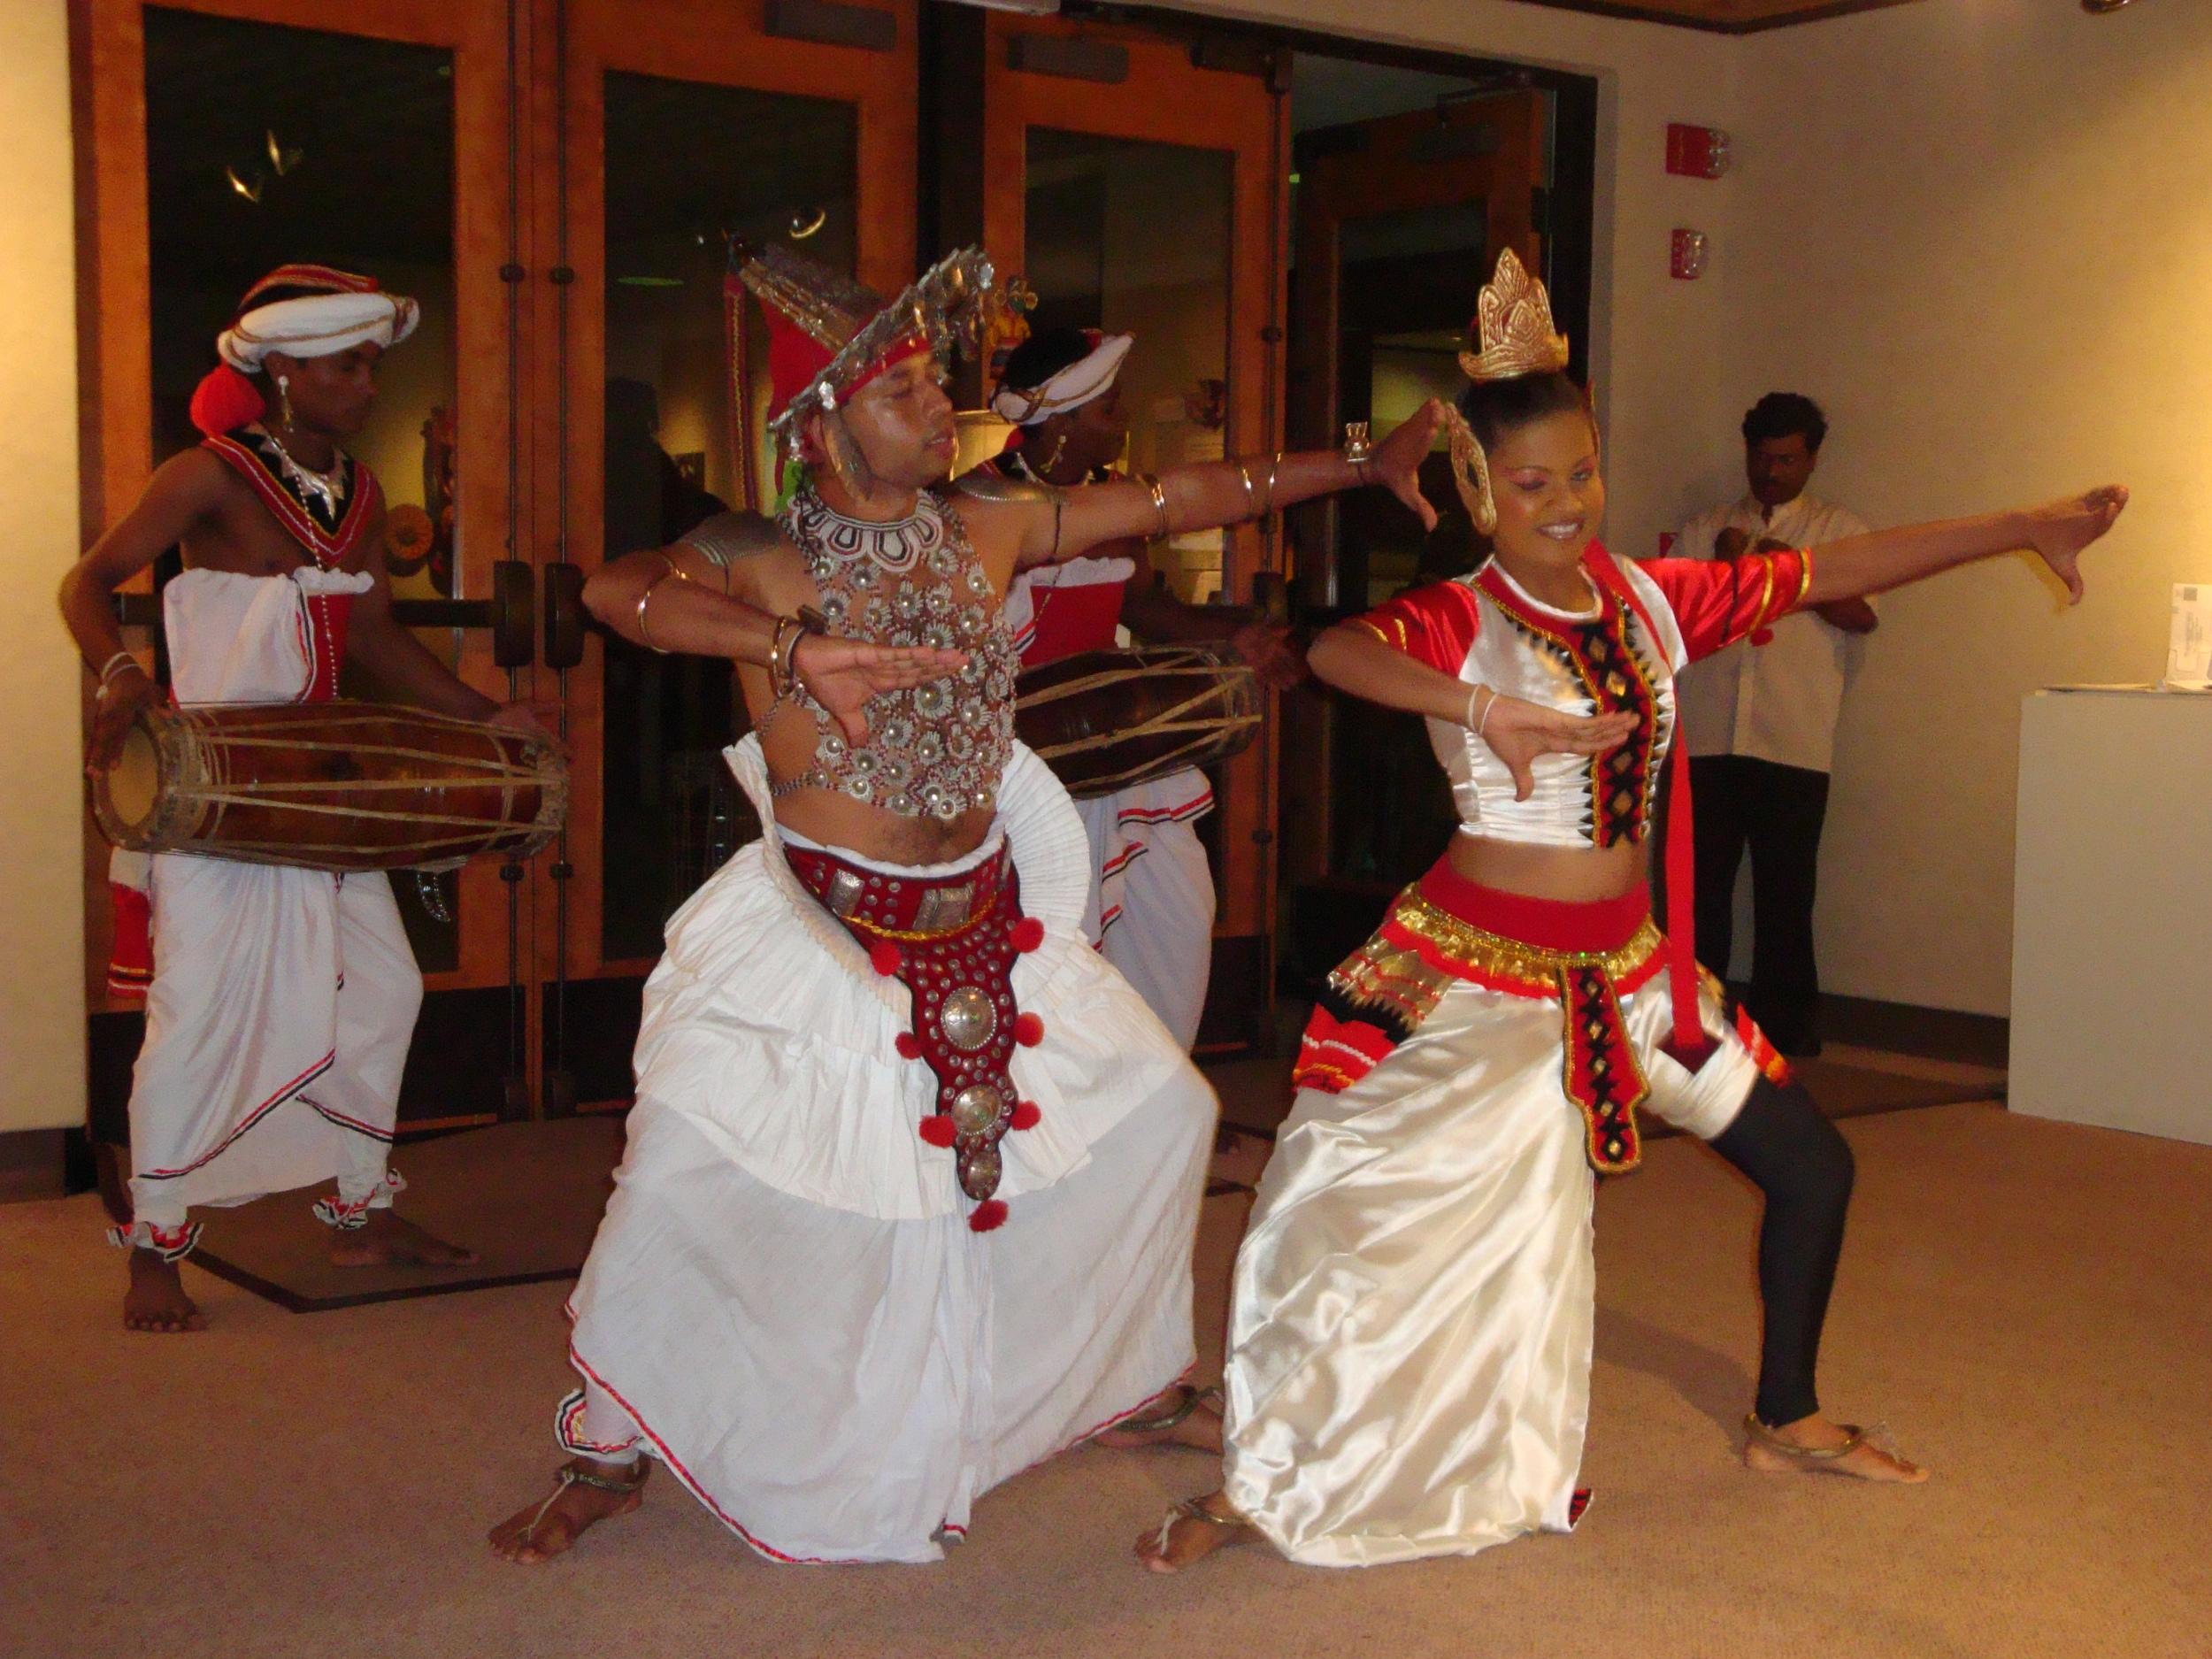 17.SriLankanDancers.JPG